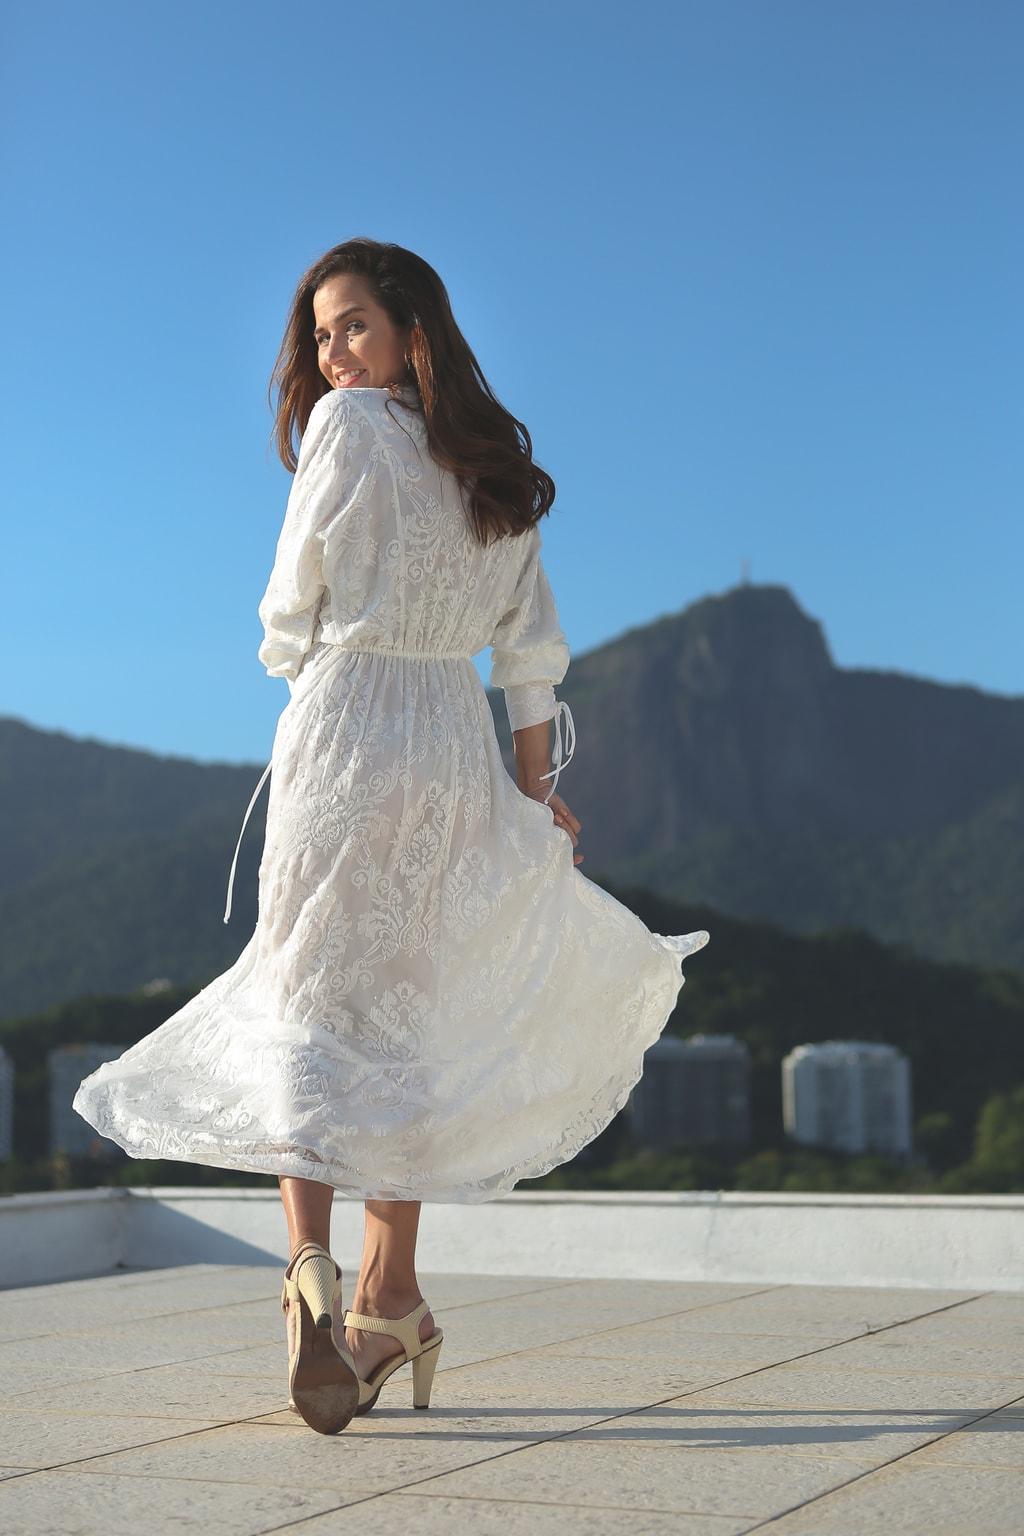 vestidos-ano-novo-reveillon-vestido-de-festa-julia-golldenzon-32